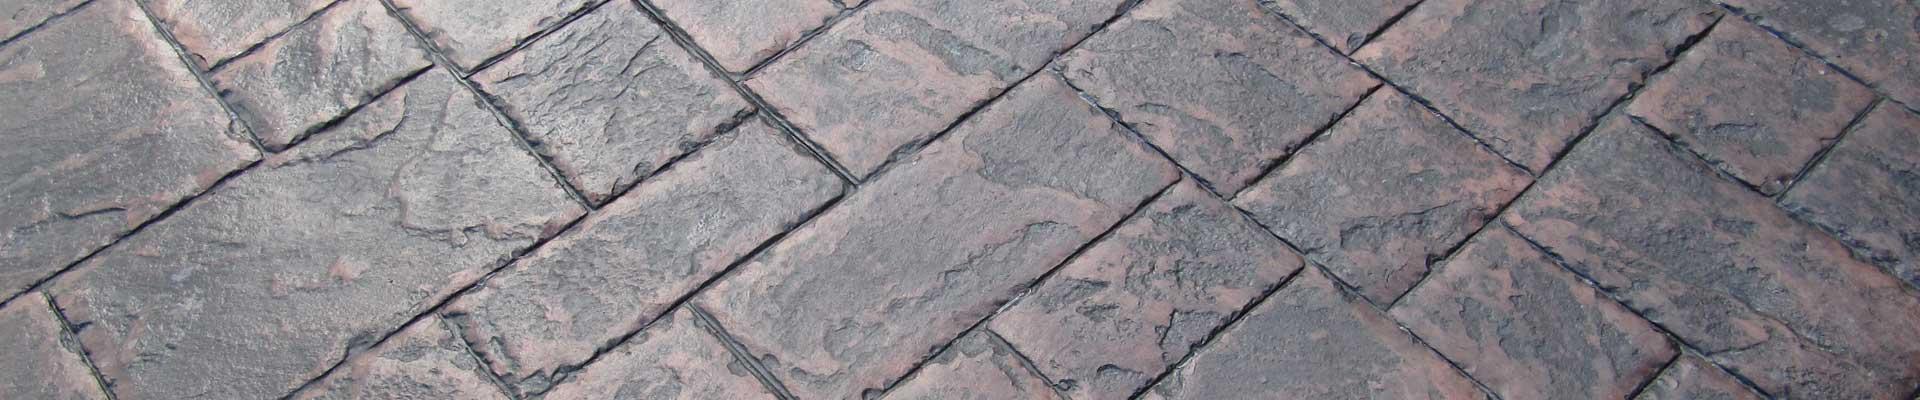 Michieli Custom Concrete Inc What Makes Concrete A